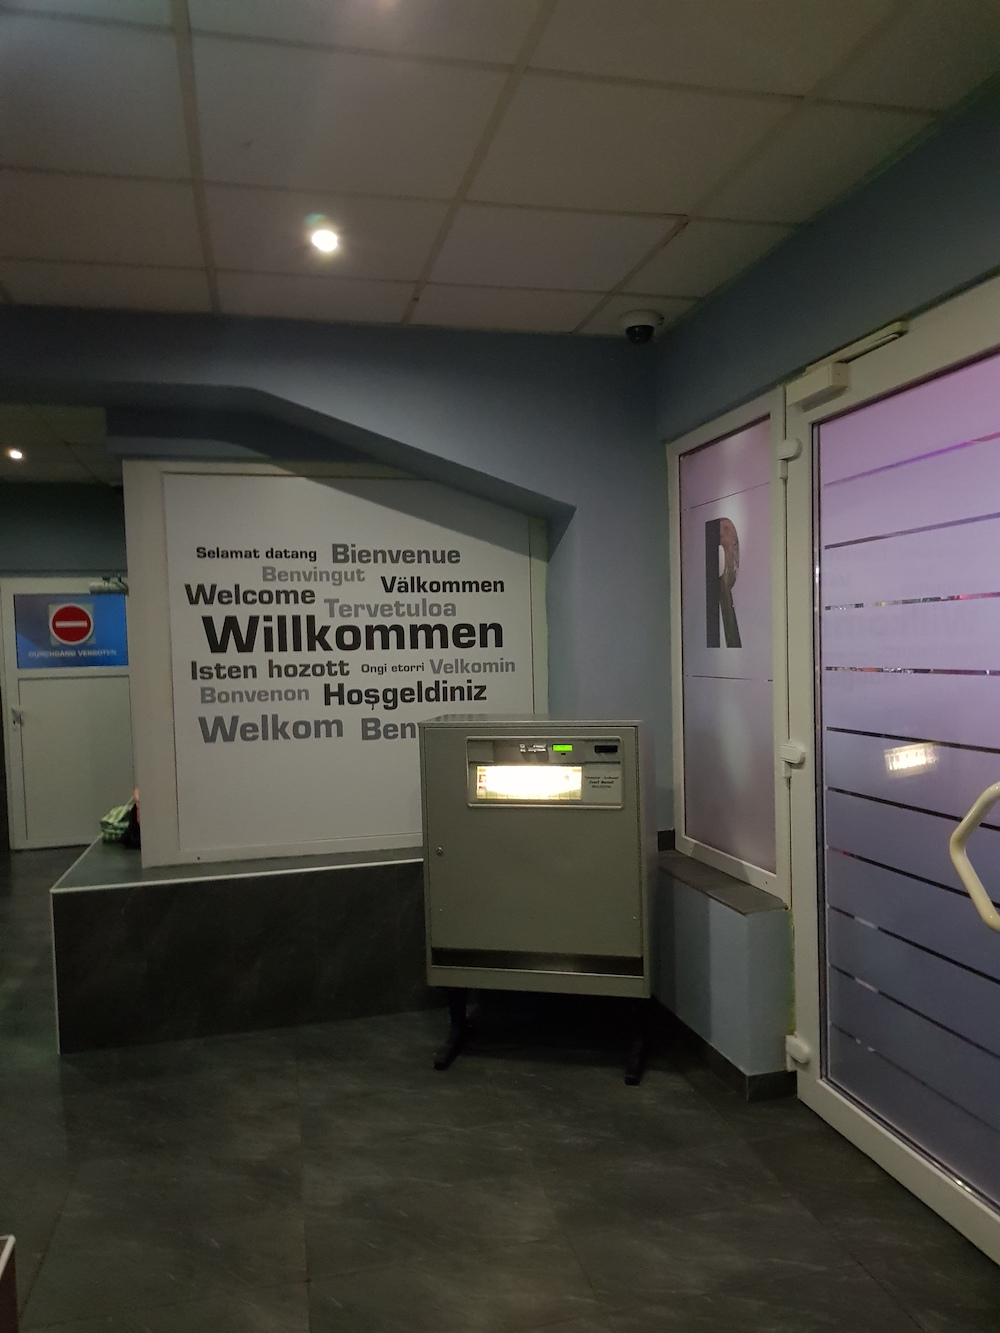 Freundlicher Empfang: Gaysauna Ruhrwellness in Mülheim